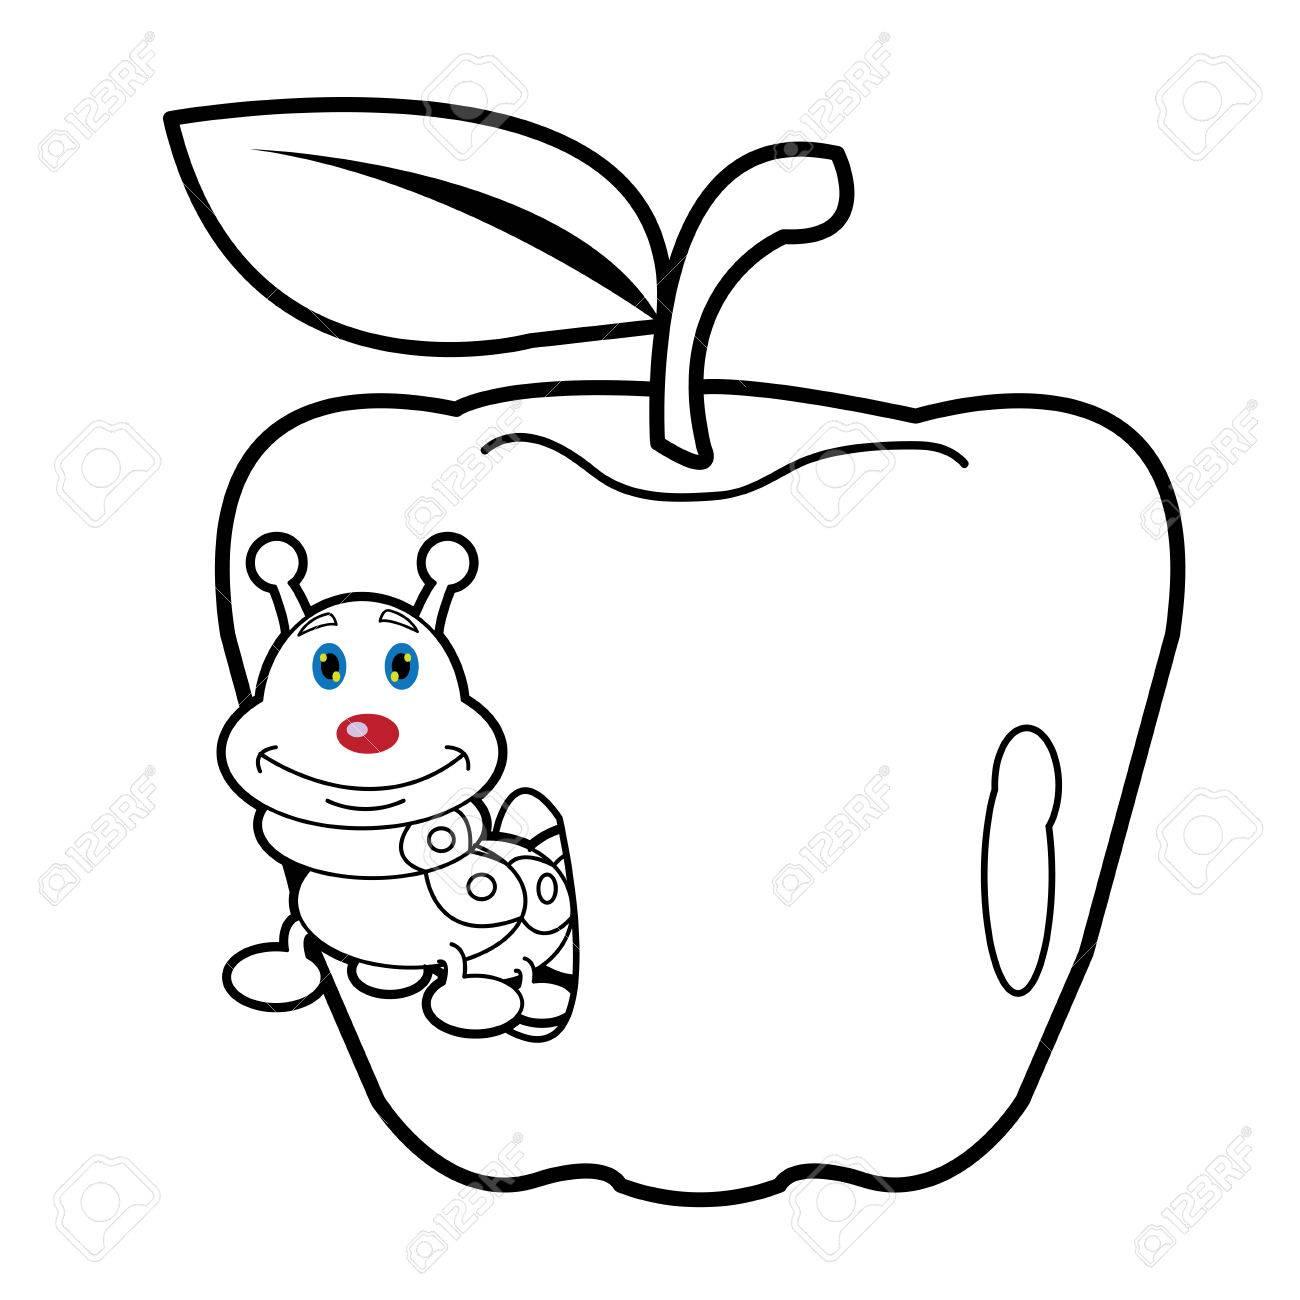 Larva Gusano Y Manzana Dibujos Animados Para Colorear Página Para ...